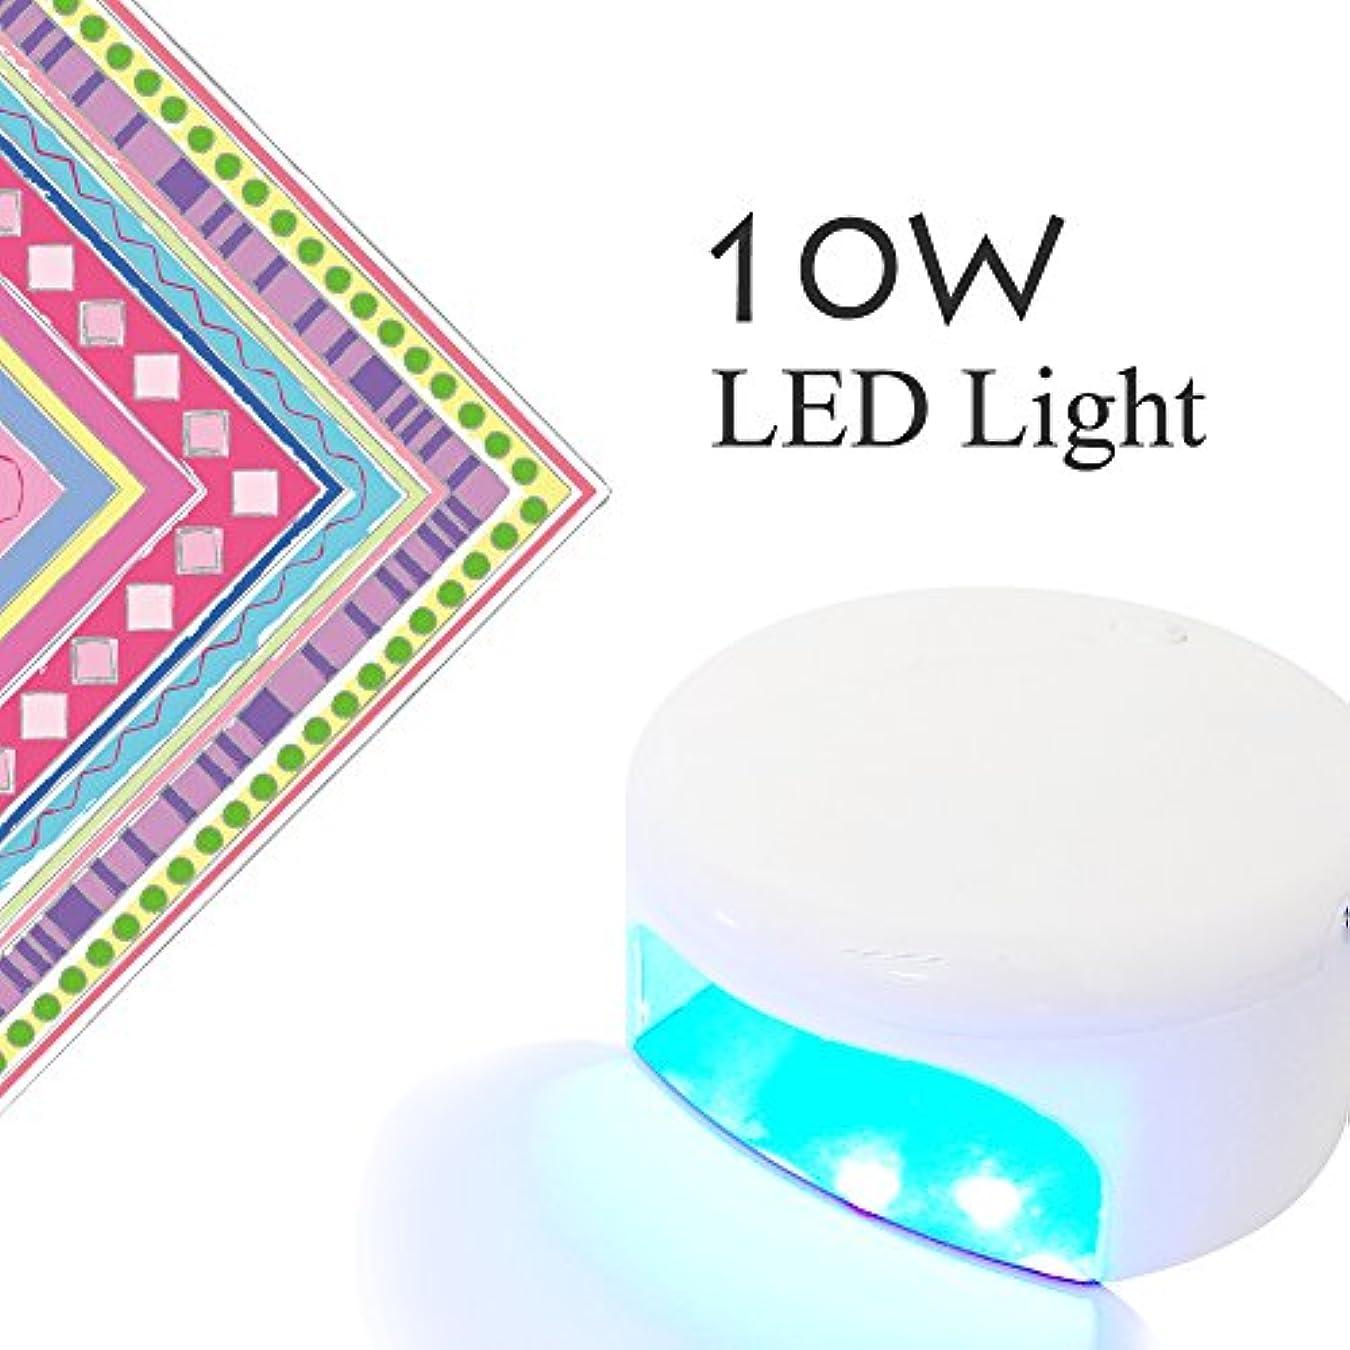 比喩スピリチュアル打倒ネイル用LEDライト 10W チップLED搭載 【LED10wライト】コンパクトハイパワー保証書。取扱説明書付き ジェルネイル (10W)